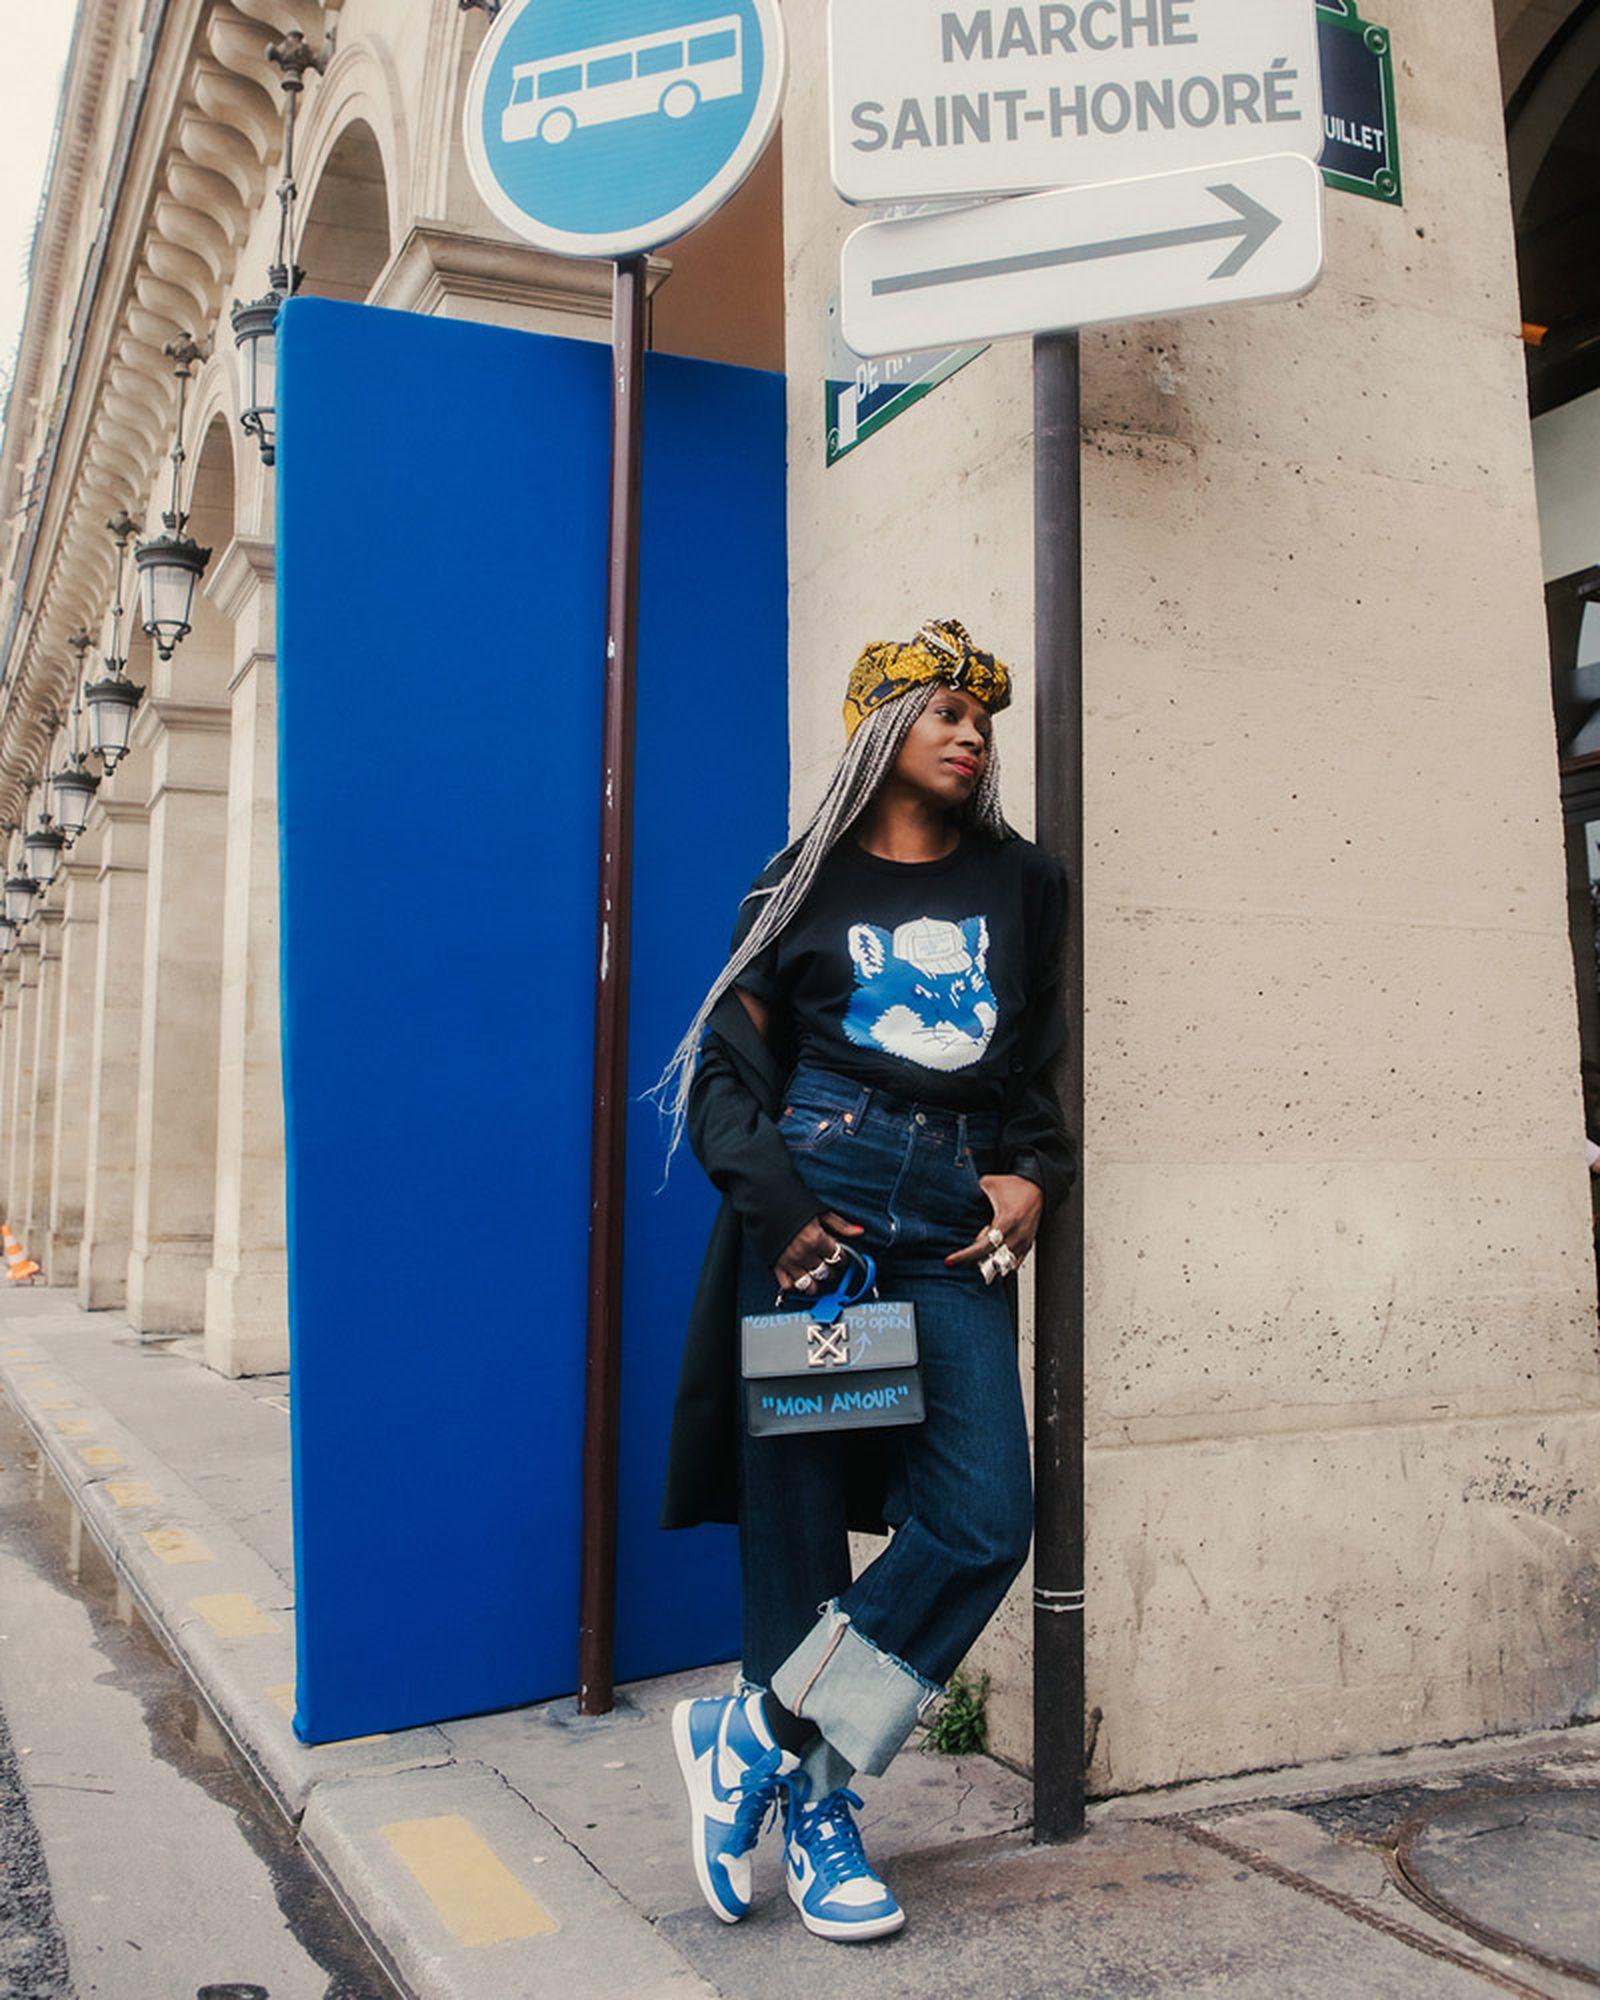 200217_HS-colette-paris_Lucas-Christiansen_Q2A6783_Sandrine